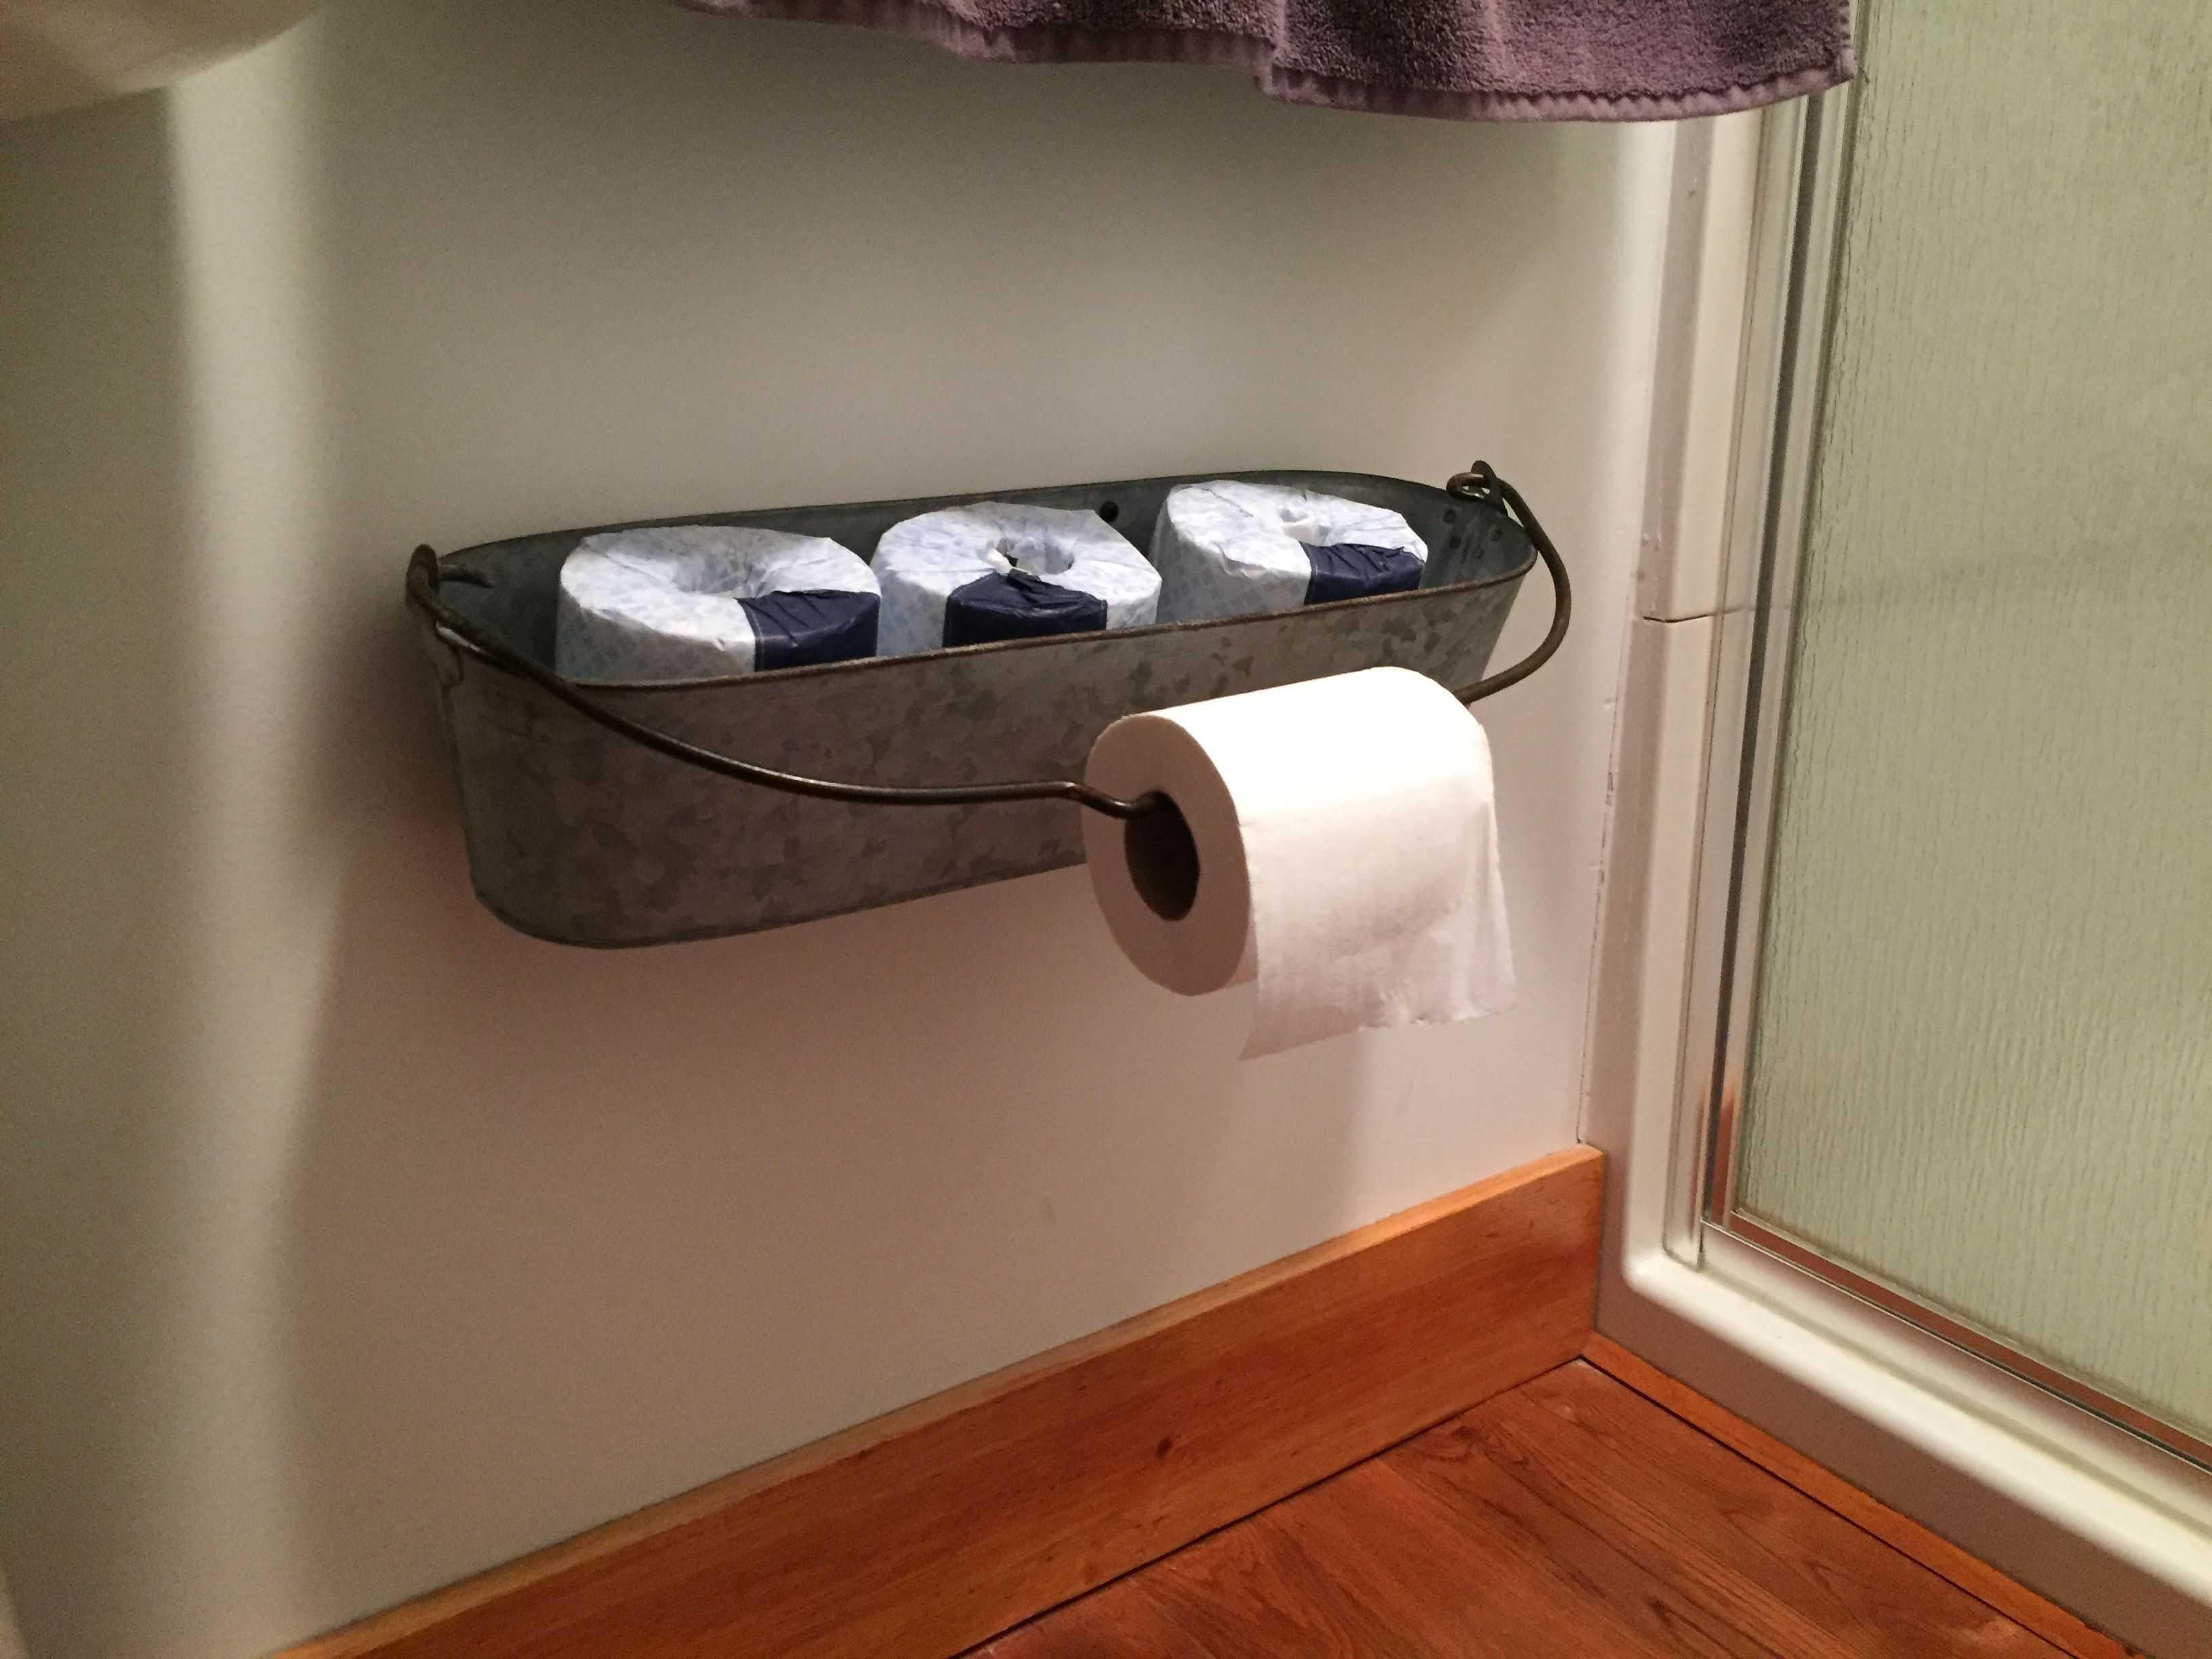 Rustic Toilet Paper Holder Bathroom Toilet Paper Holders Diy